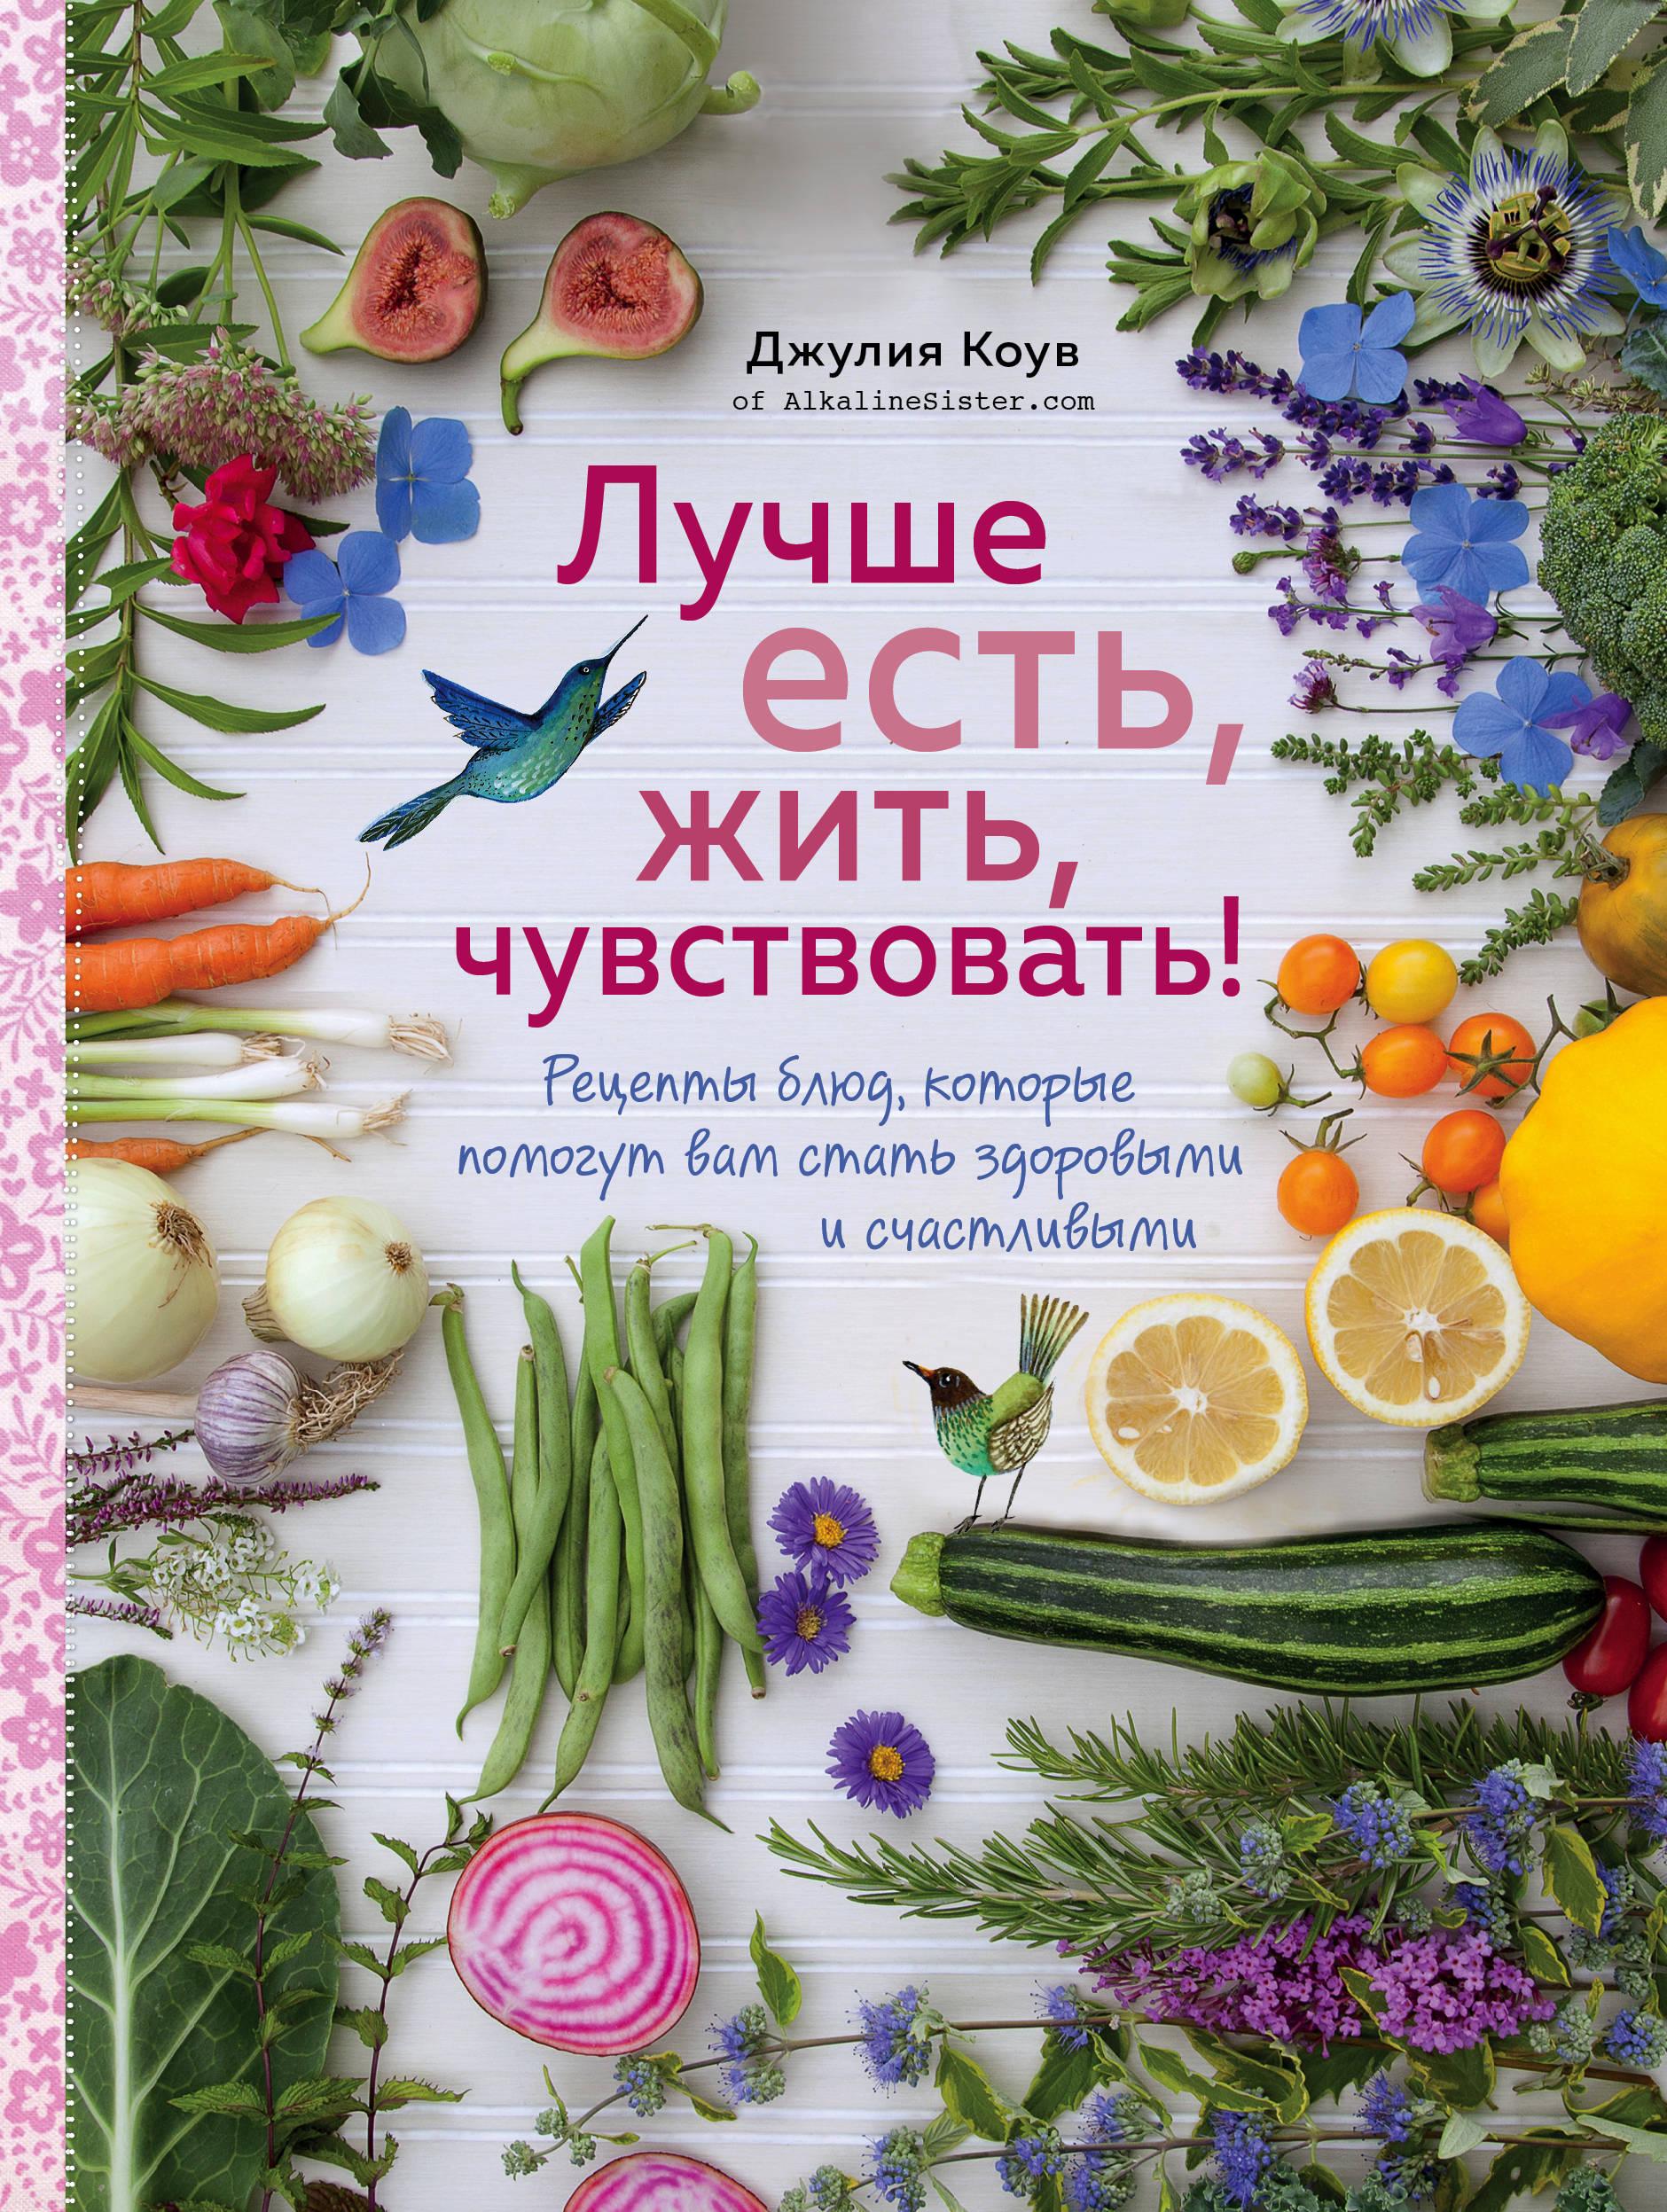 Джулия Коув Лучше есть, жить, чувствовать! Рецепты блюд, которые помогут вам стать здоровыми и счастливыми